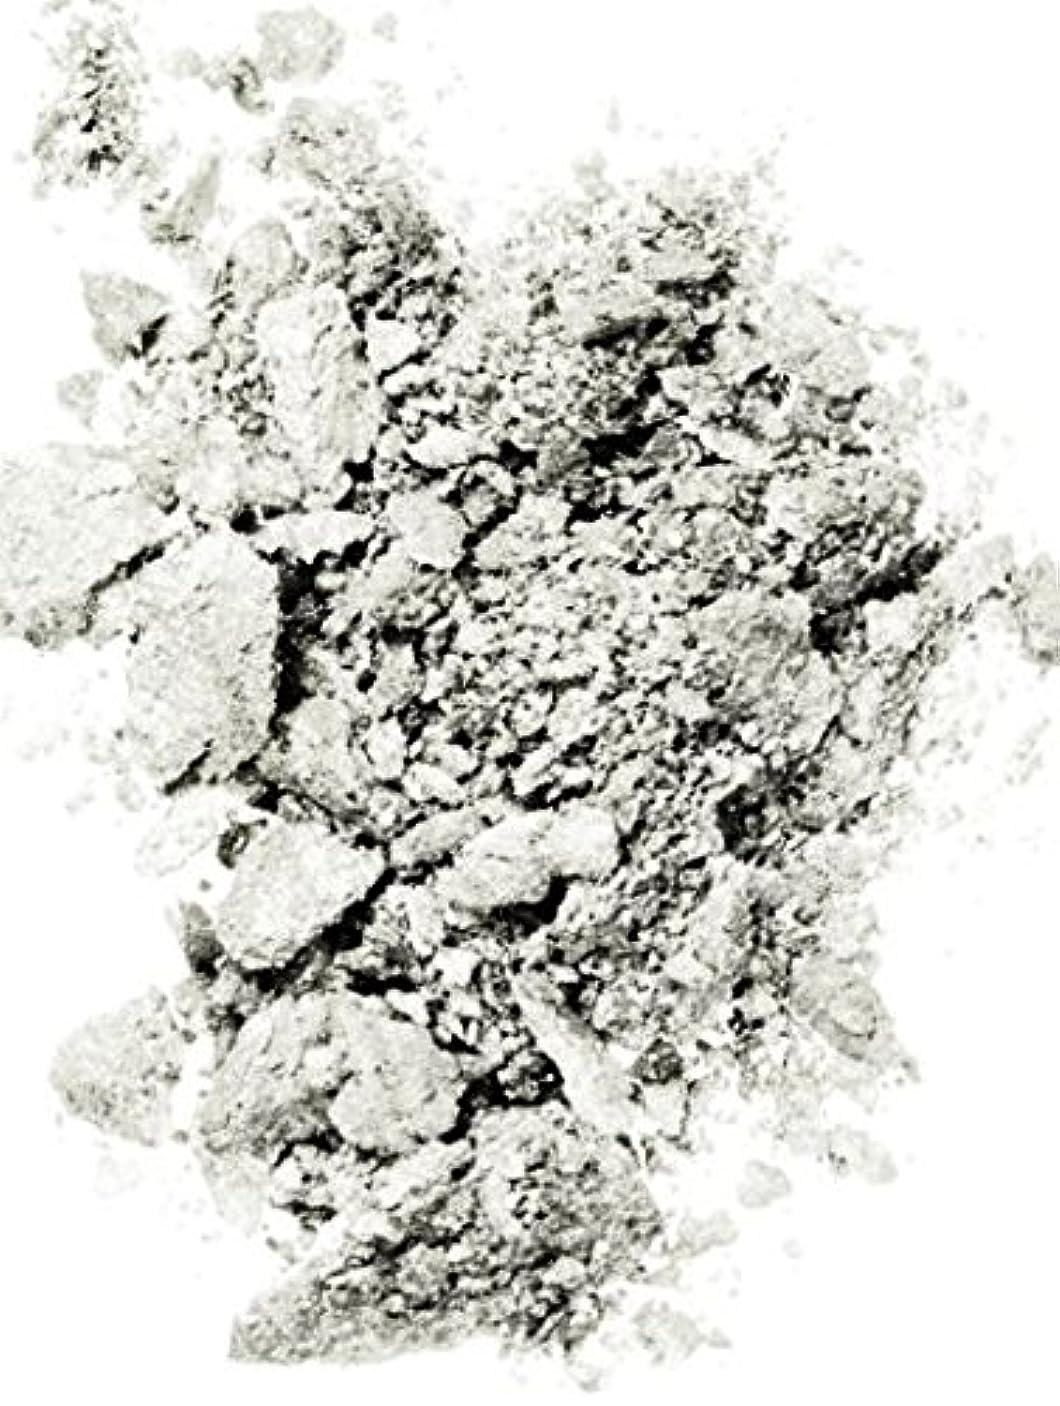 召集する問い合わせる雑多なコスメデコルテ アイグロウジェム GR781